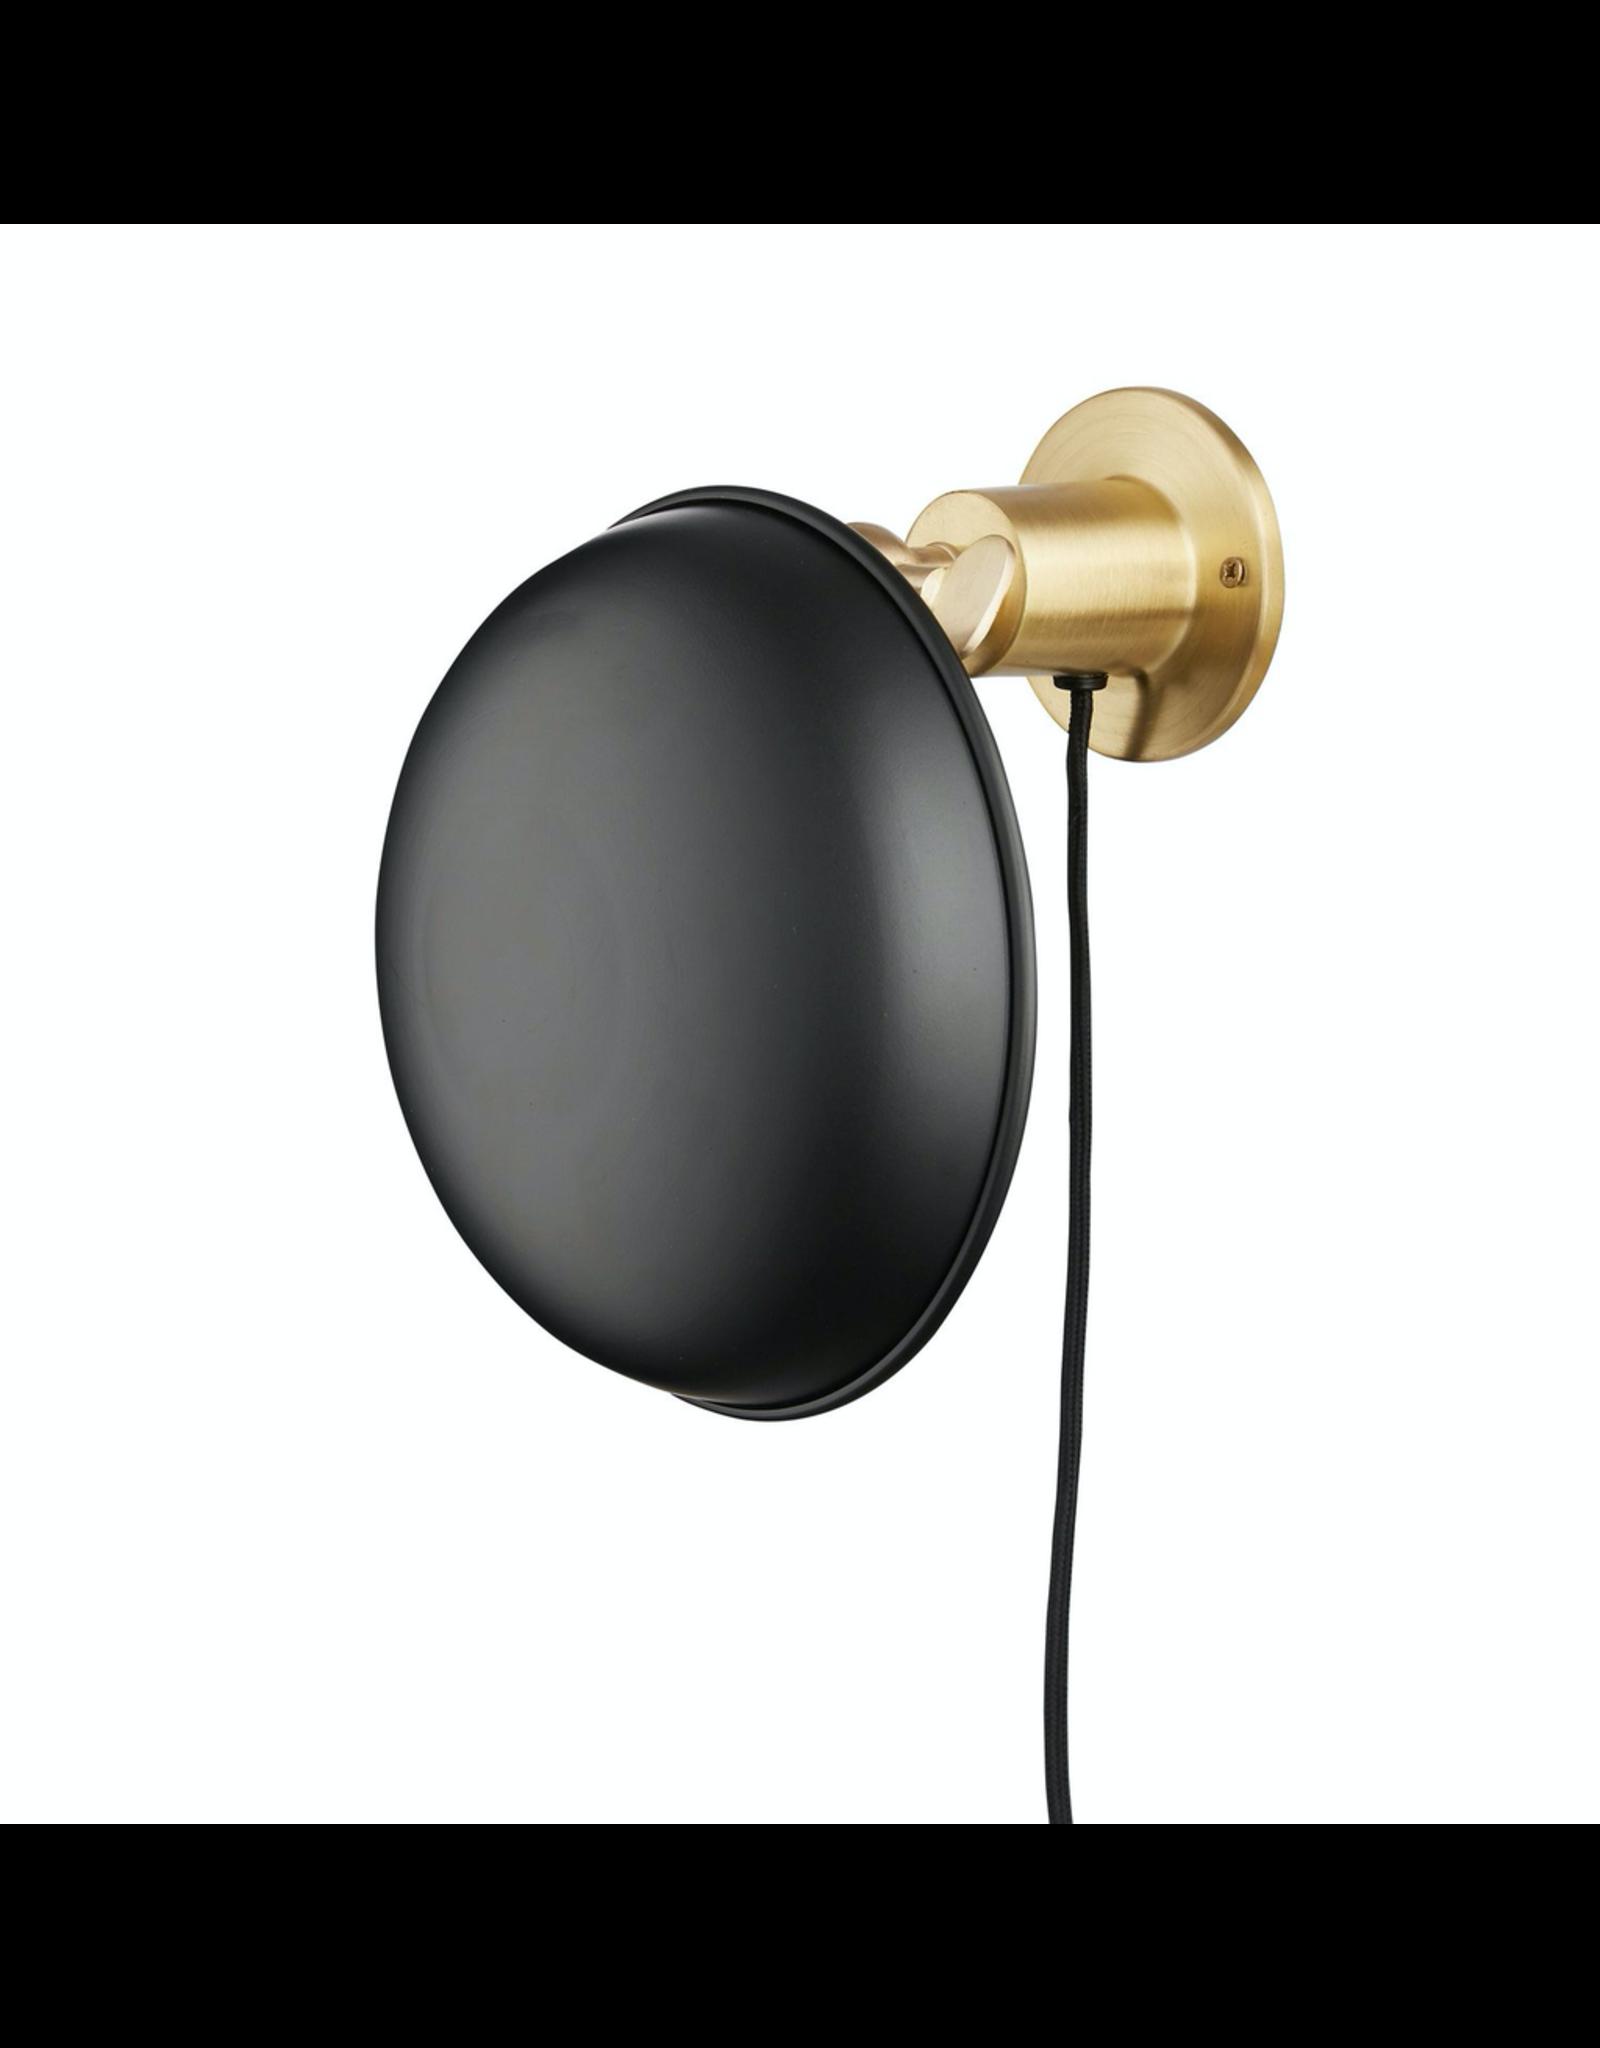 verlichting ROUND WALL LAMP BRASS W. BLACK SHADE